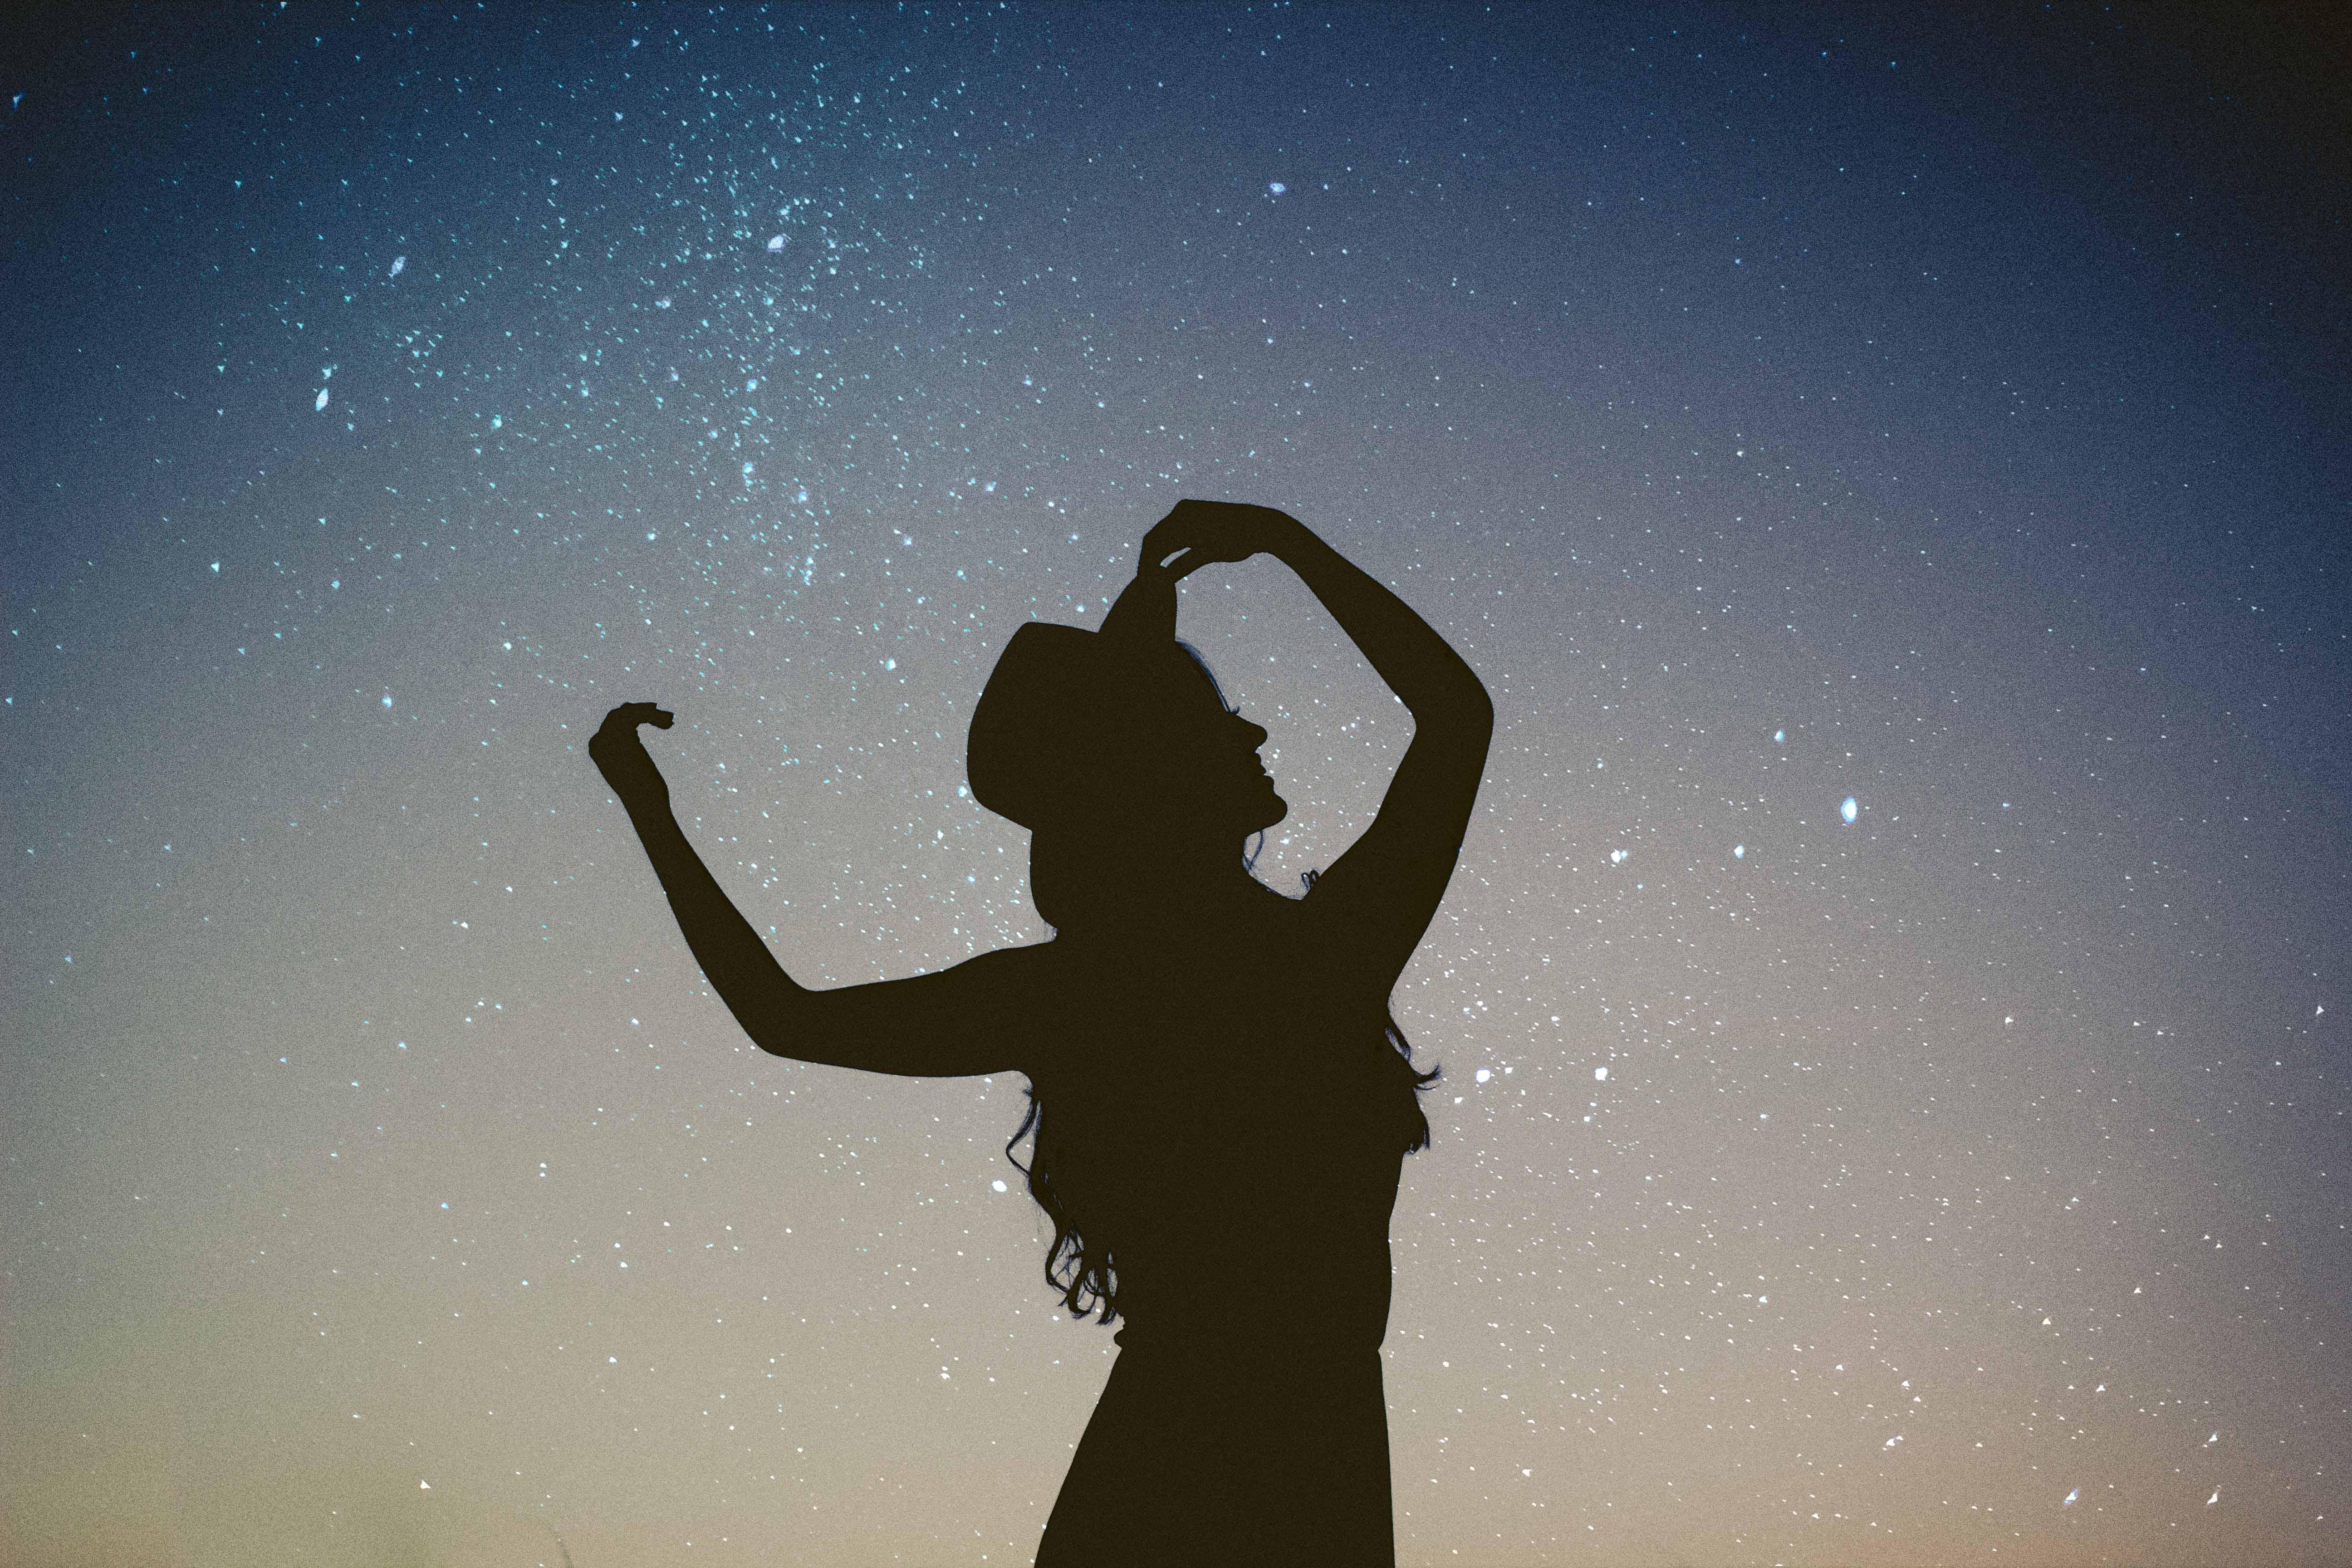 chiêm tinh học cô gái nhảy múa dưới trời sao